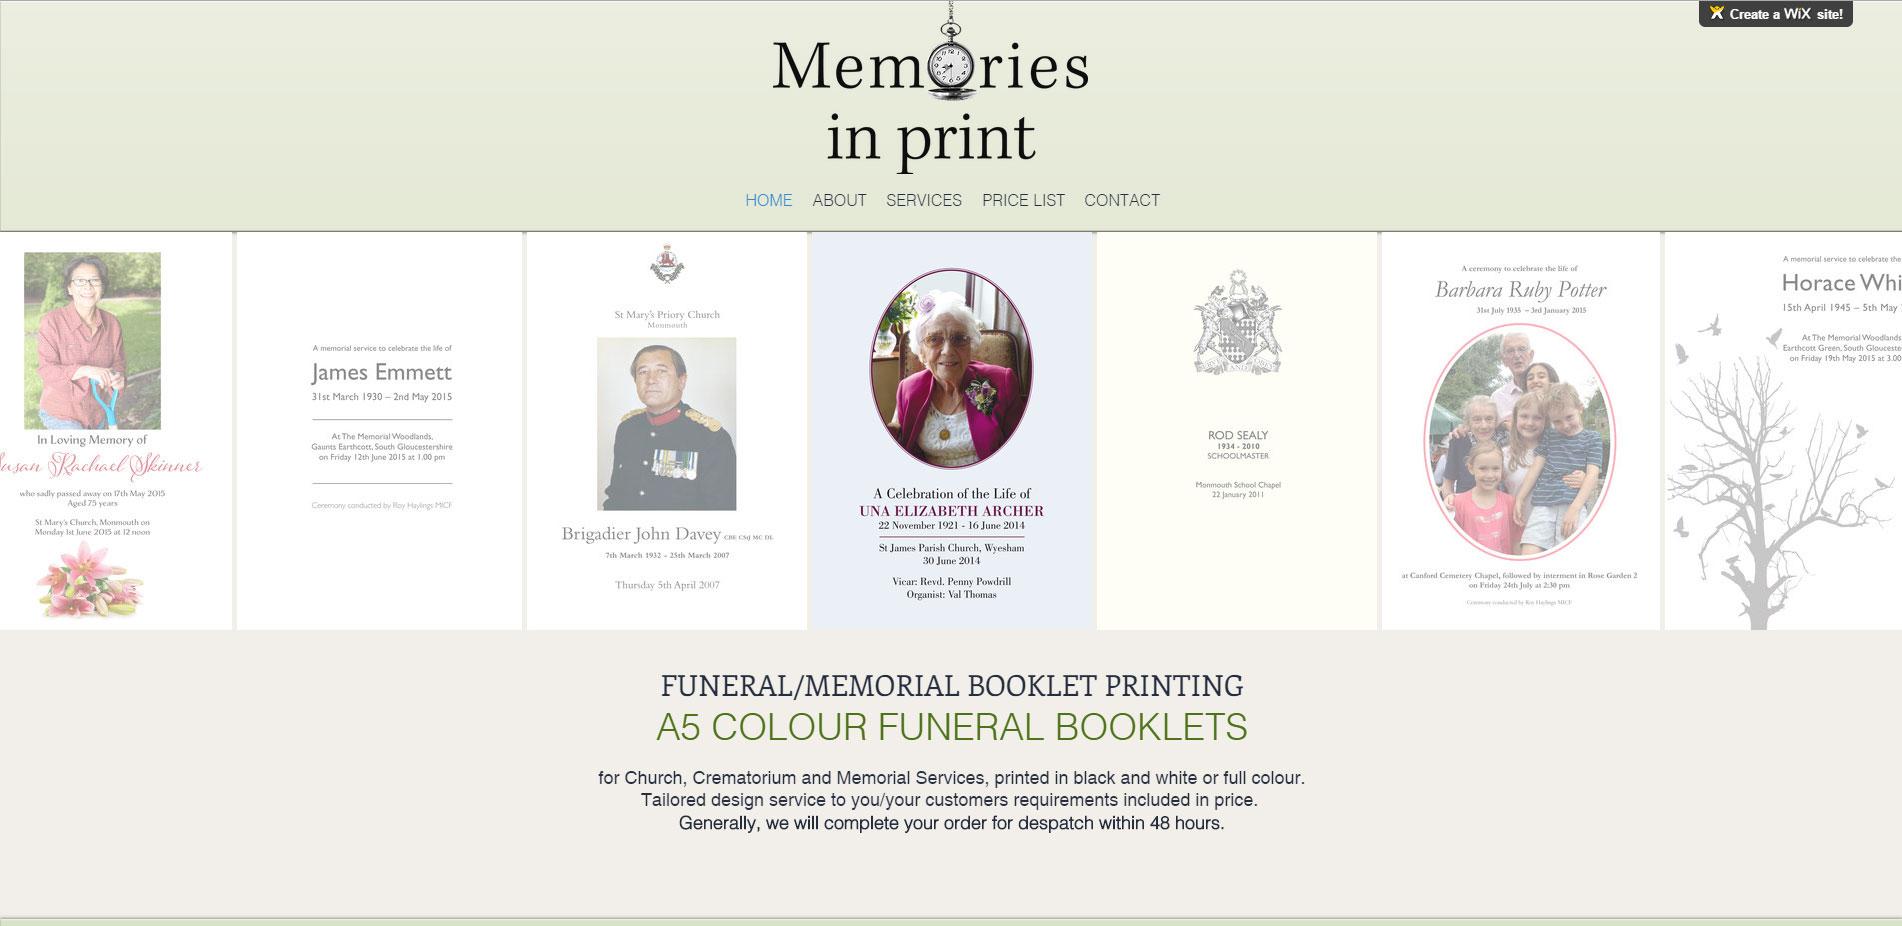 www.memories-inprint.co.uk